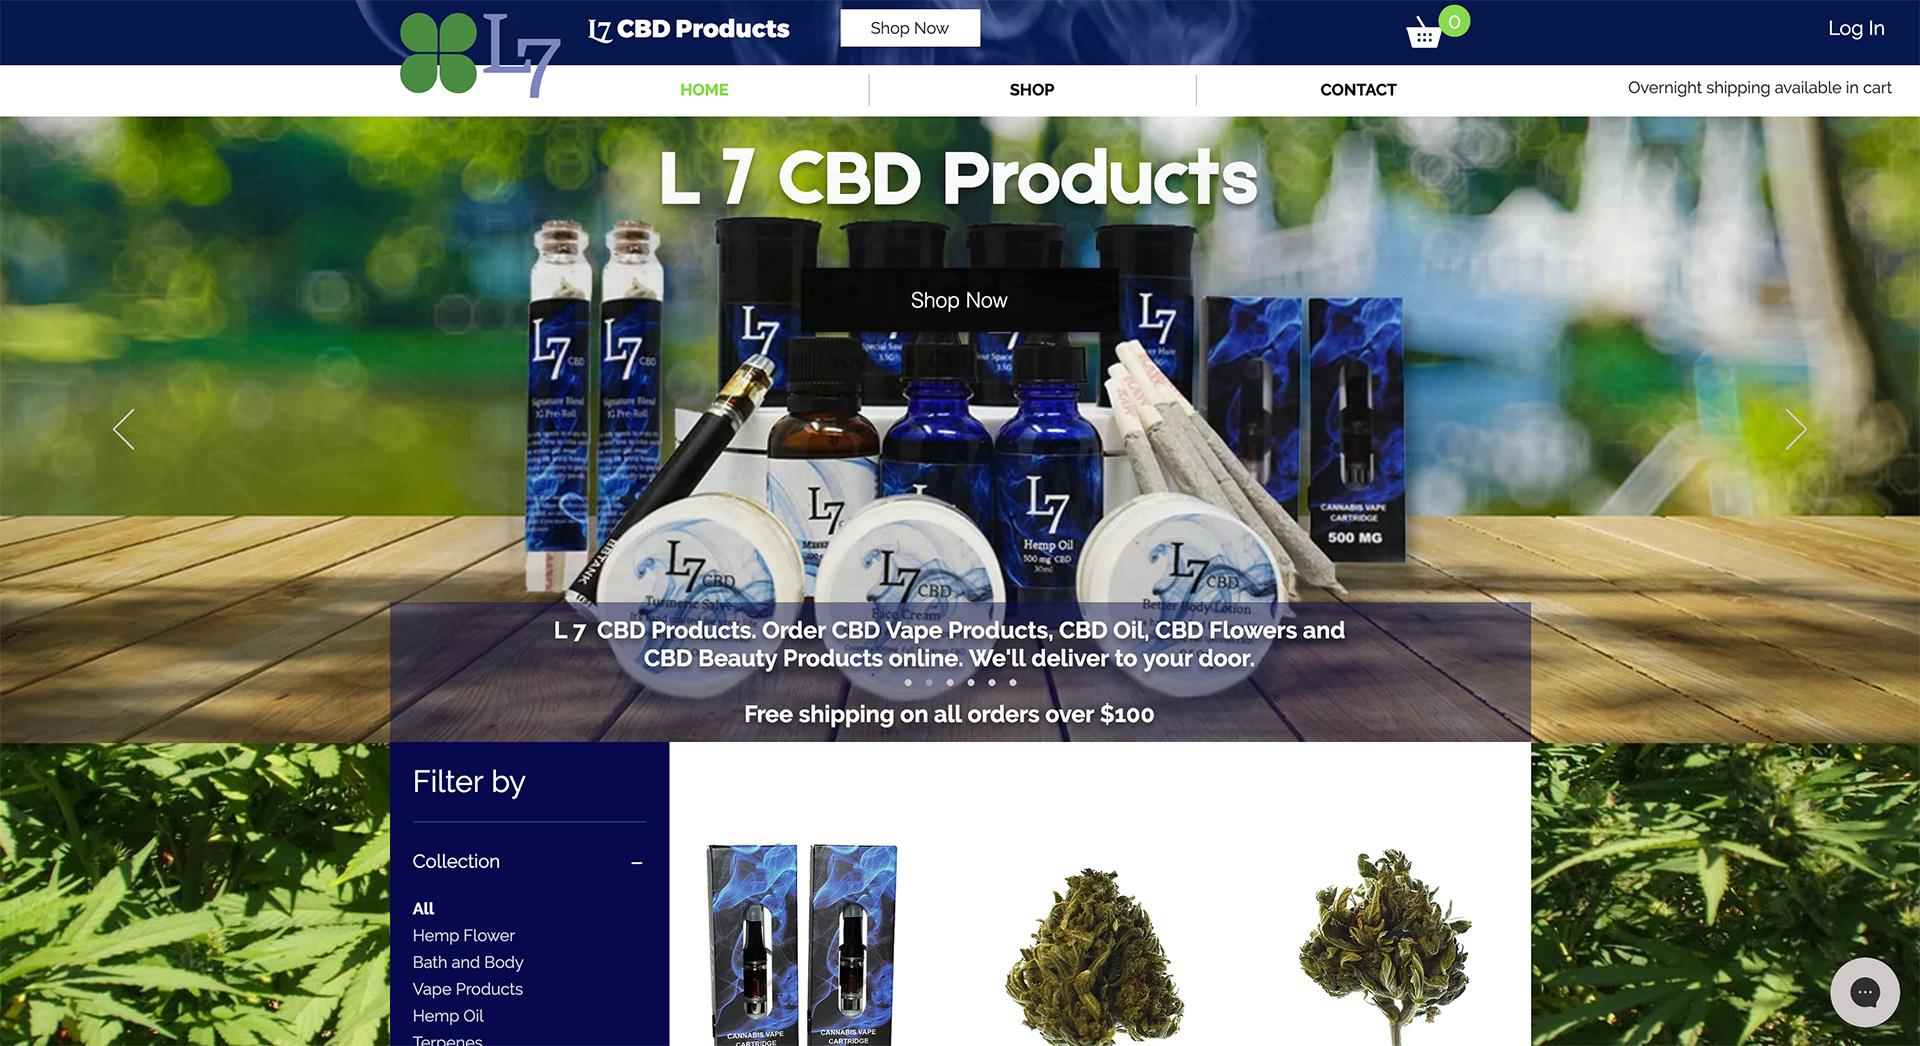 L7 CBD ecommerce website by Adchix